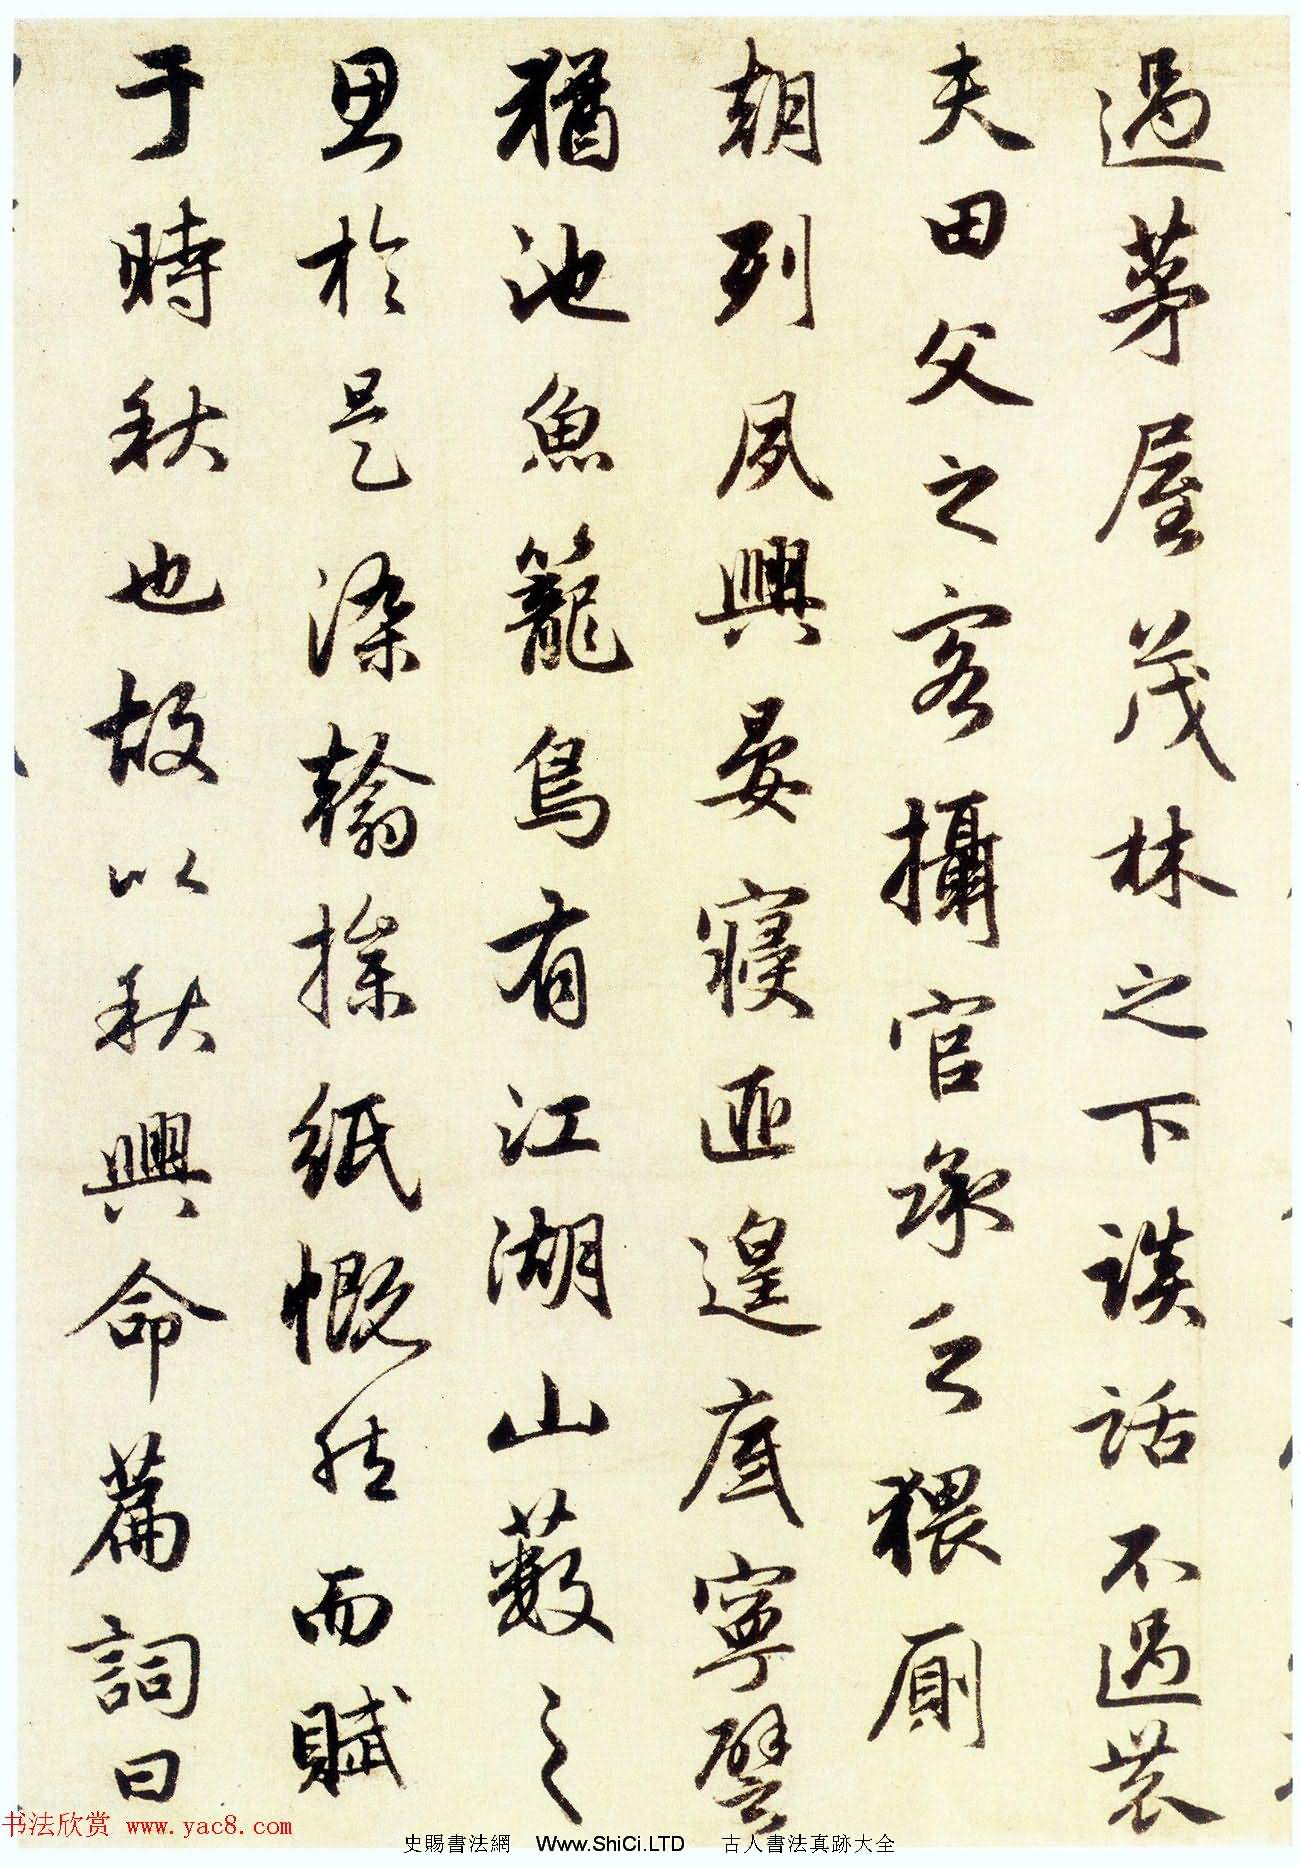 趙孟俯行書作品欣賞《秋興賦並序》